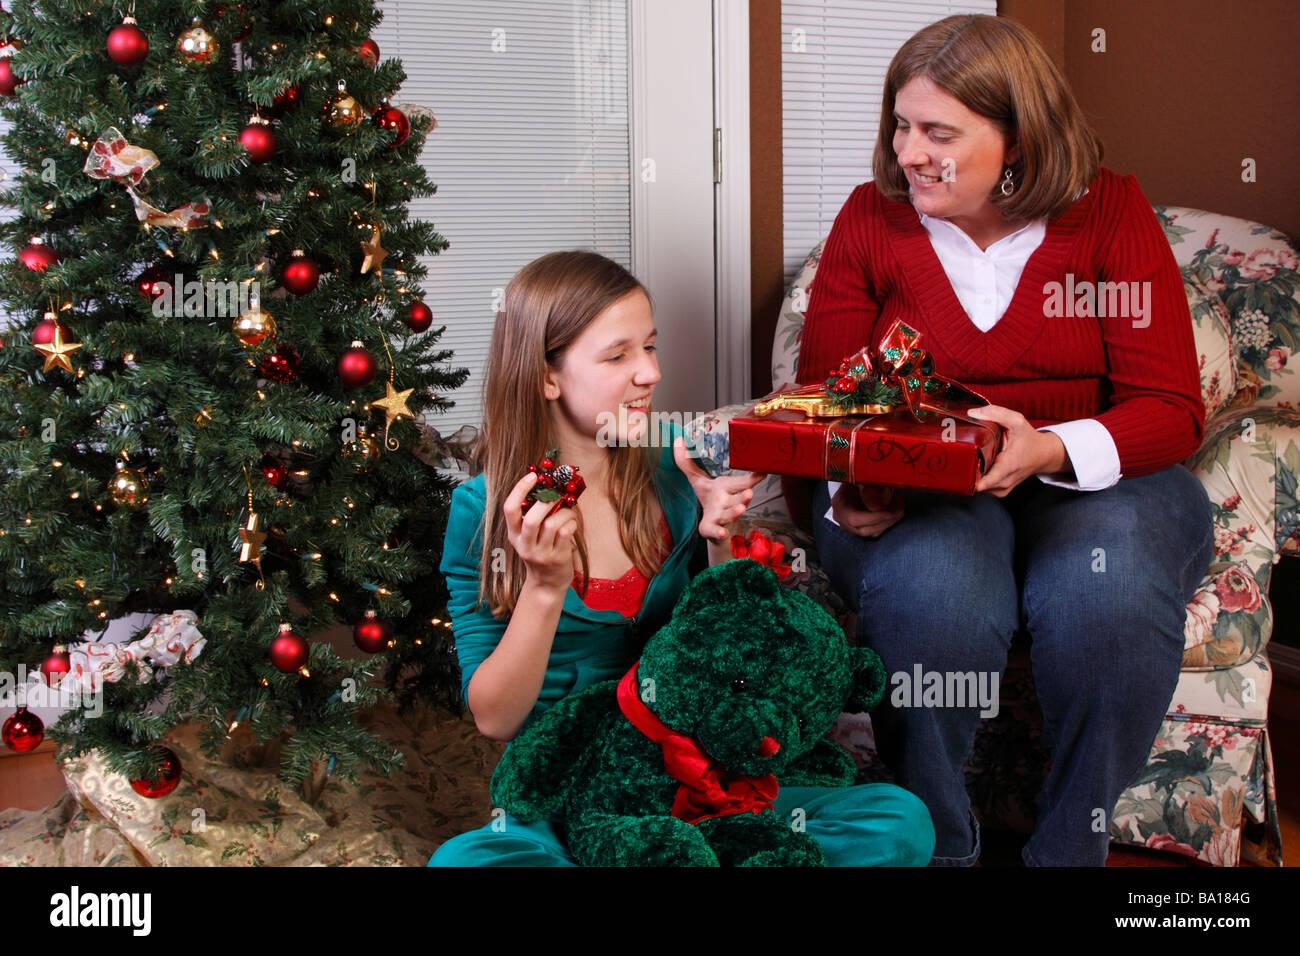 Regali Di Natale Alla Mamma.Mamma E Figlia Lo Scambio Di Regali Di Natale Foto Immagine Stock